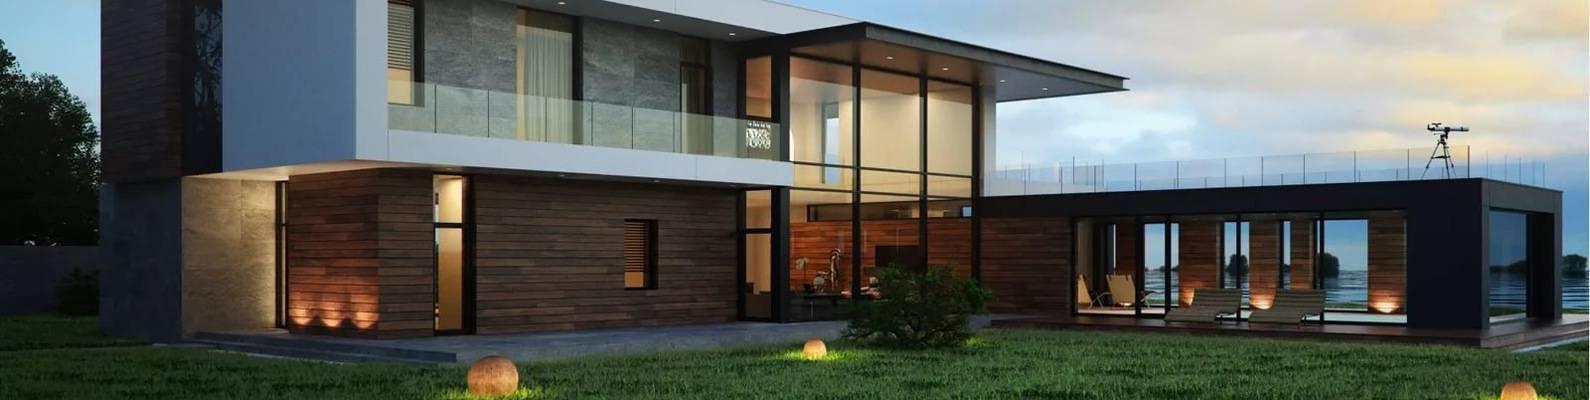 Проекты домов в стиле хай-тек, черты функционального проектирования